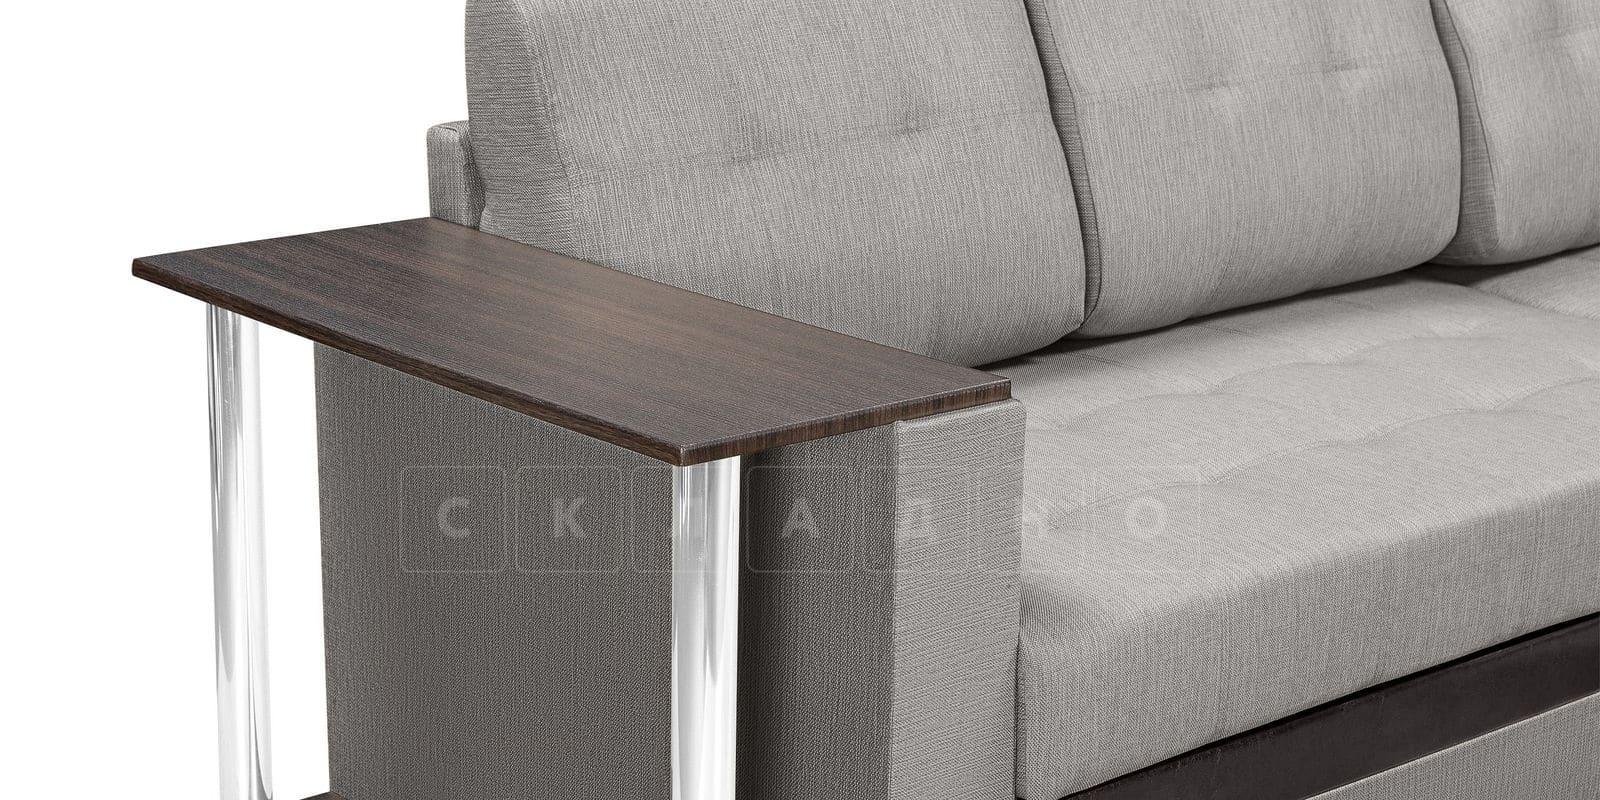 Угловой диван Атланта рогожка серого цвета фото 7 | интернет-магазин Складно